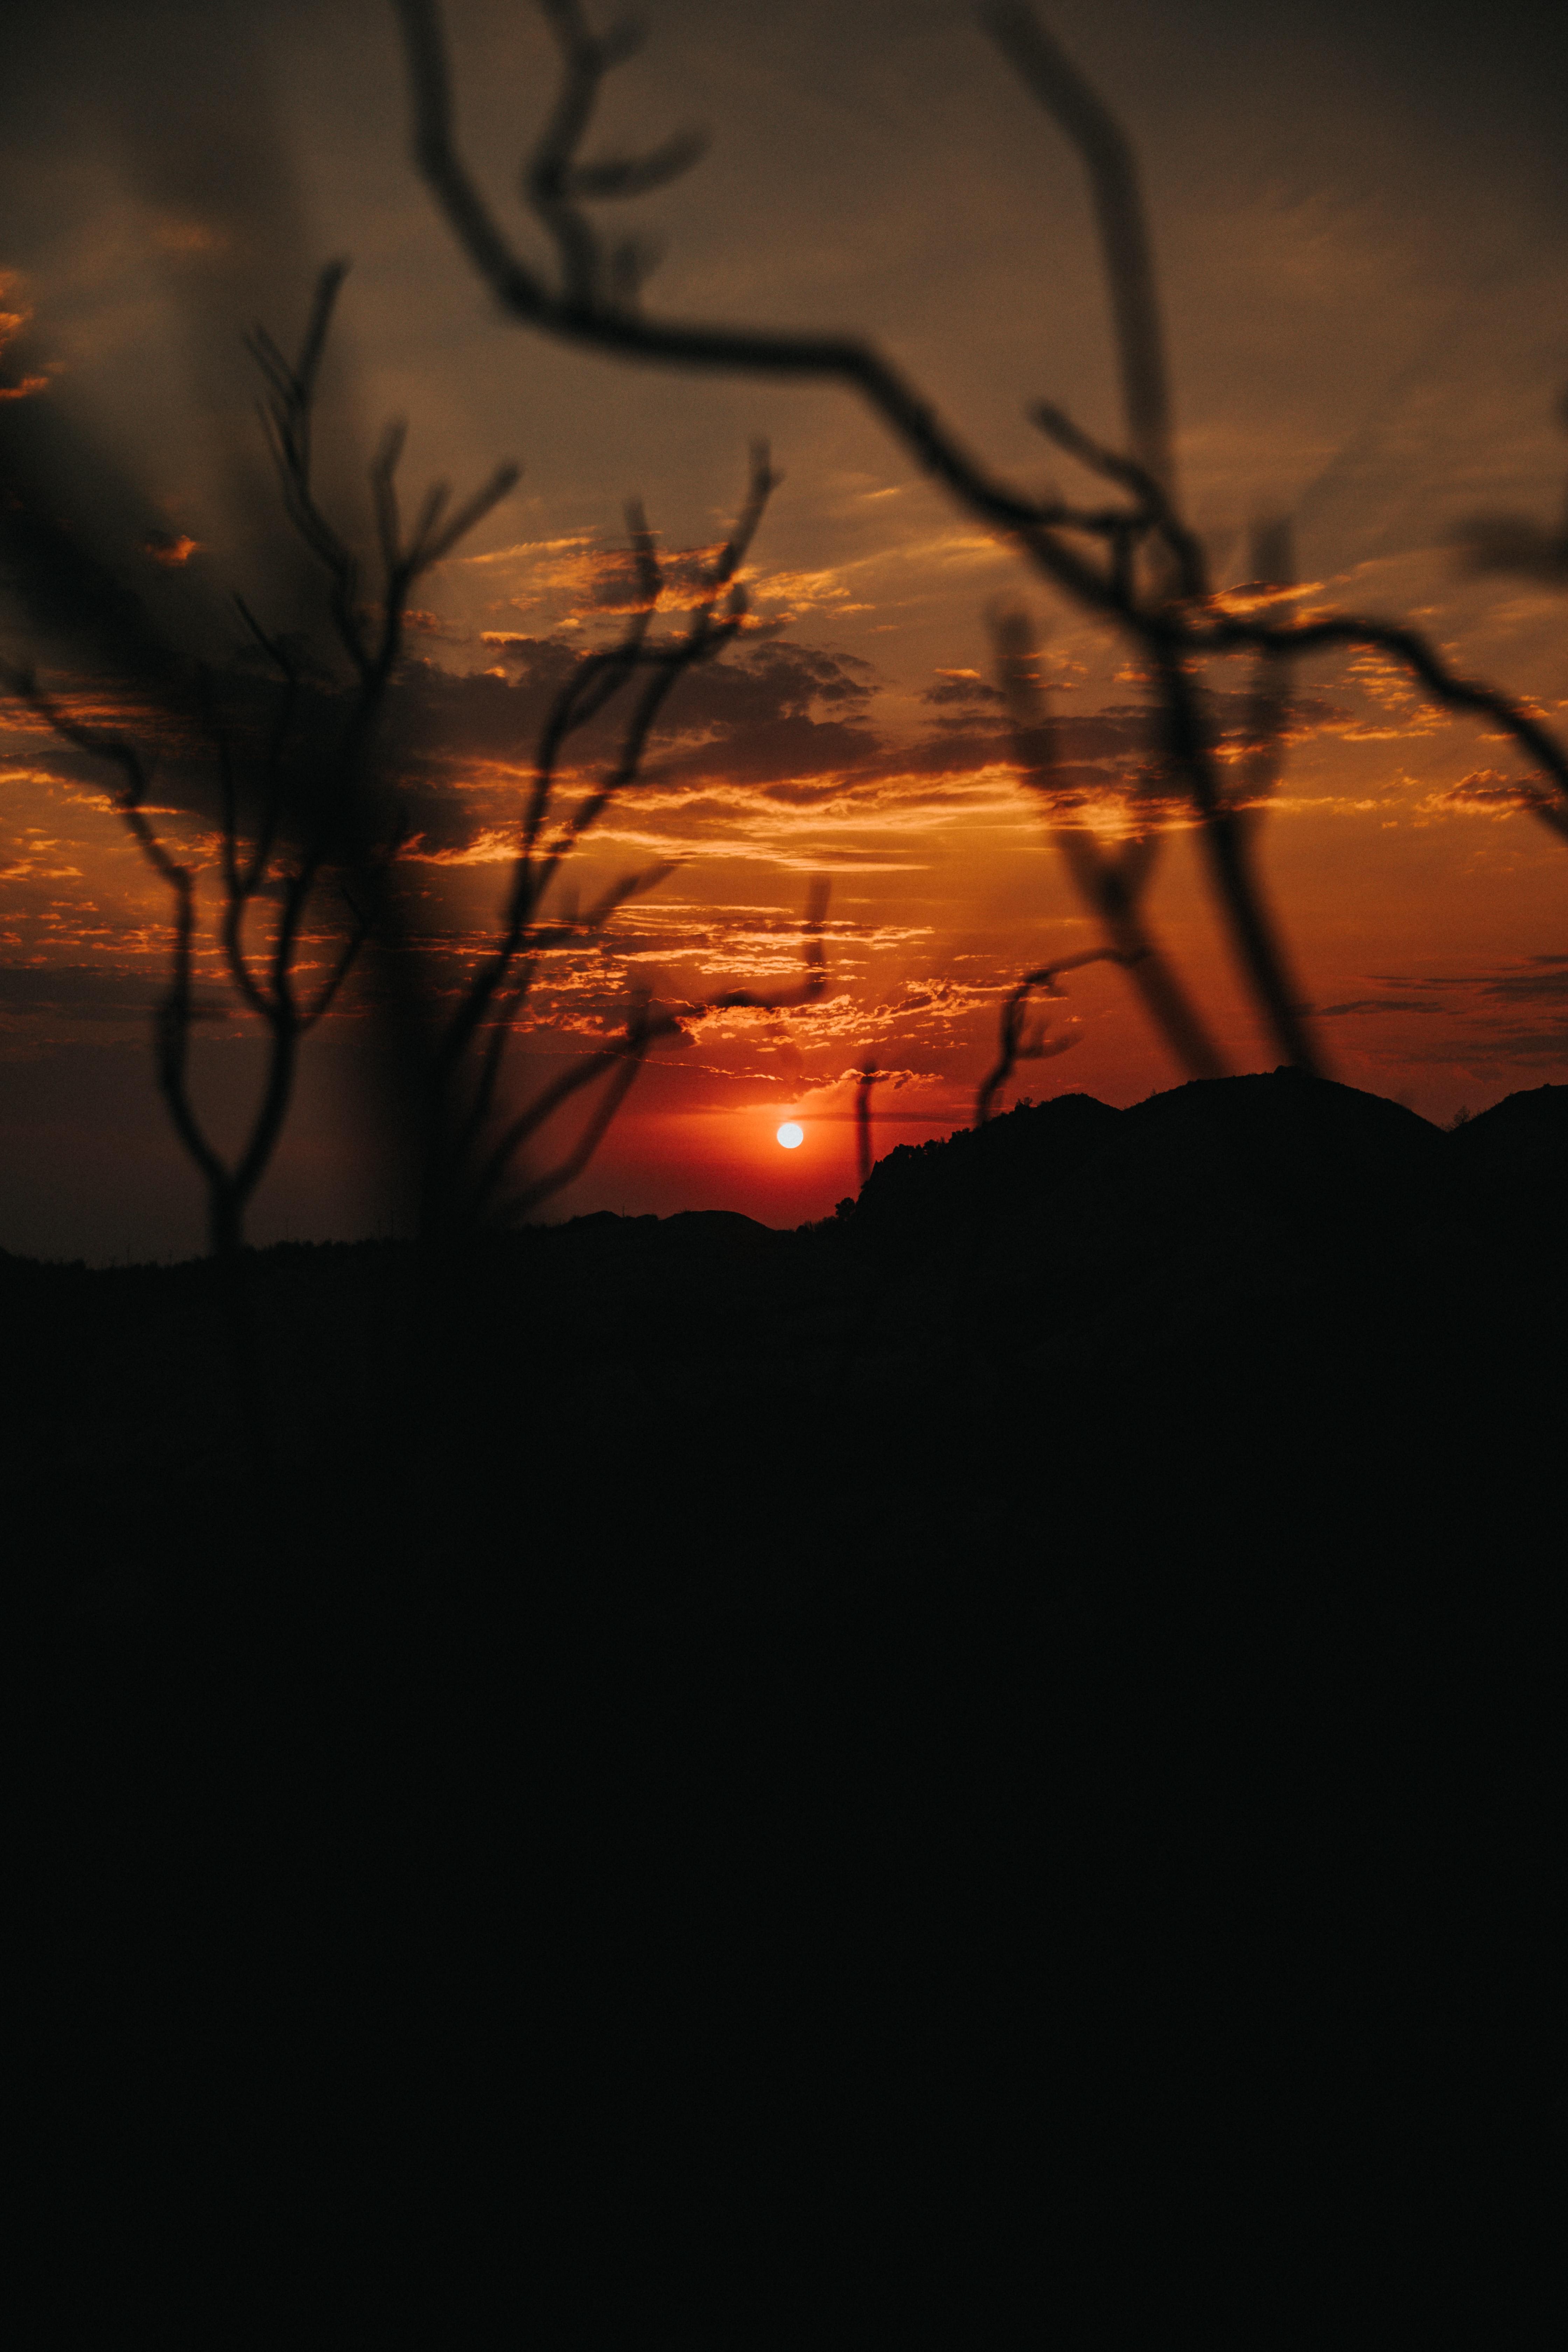 150862 скачать обои Природа, Закат, Ветки, Силуэт, Небо - заставки и картинки бесплатно